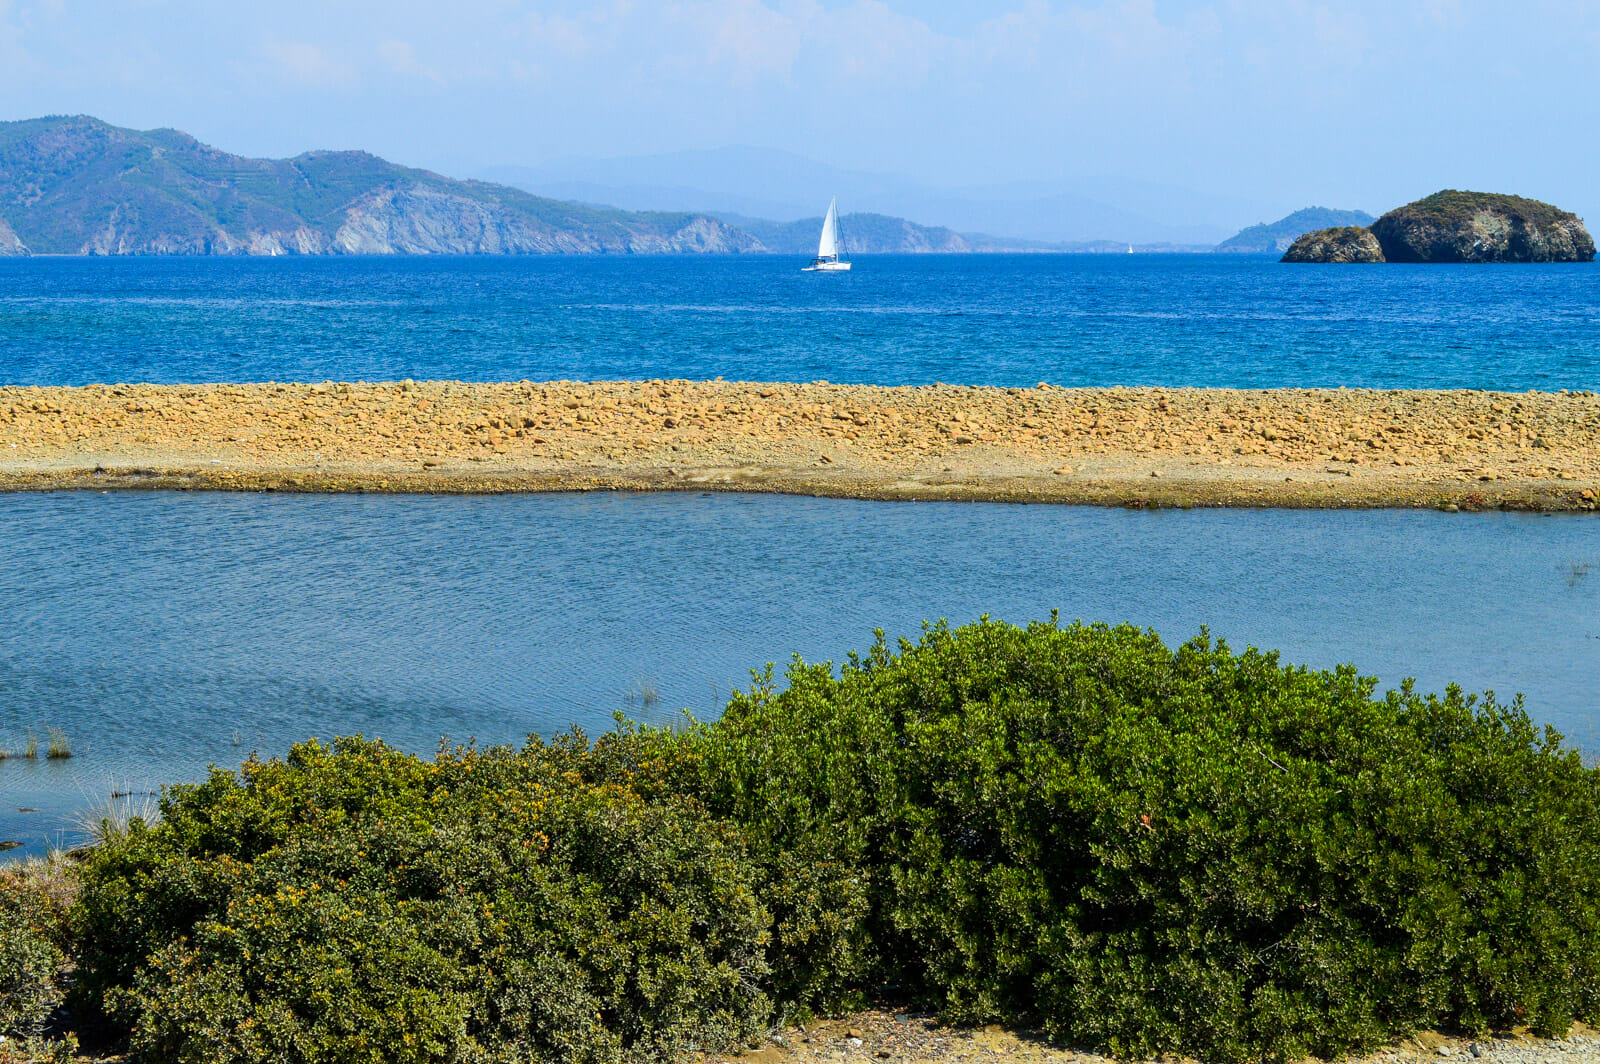 Fethiye 12 islands